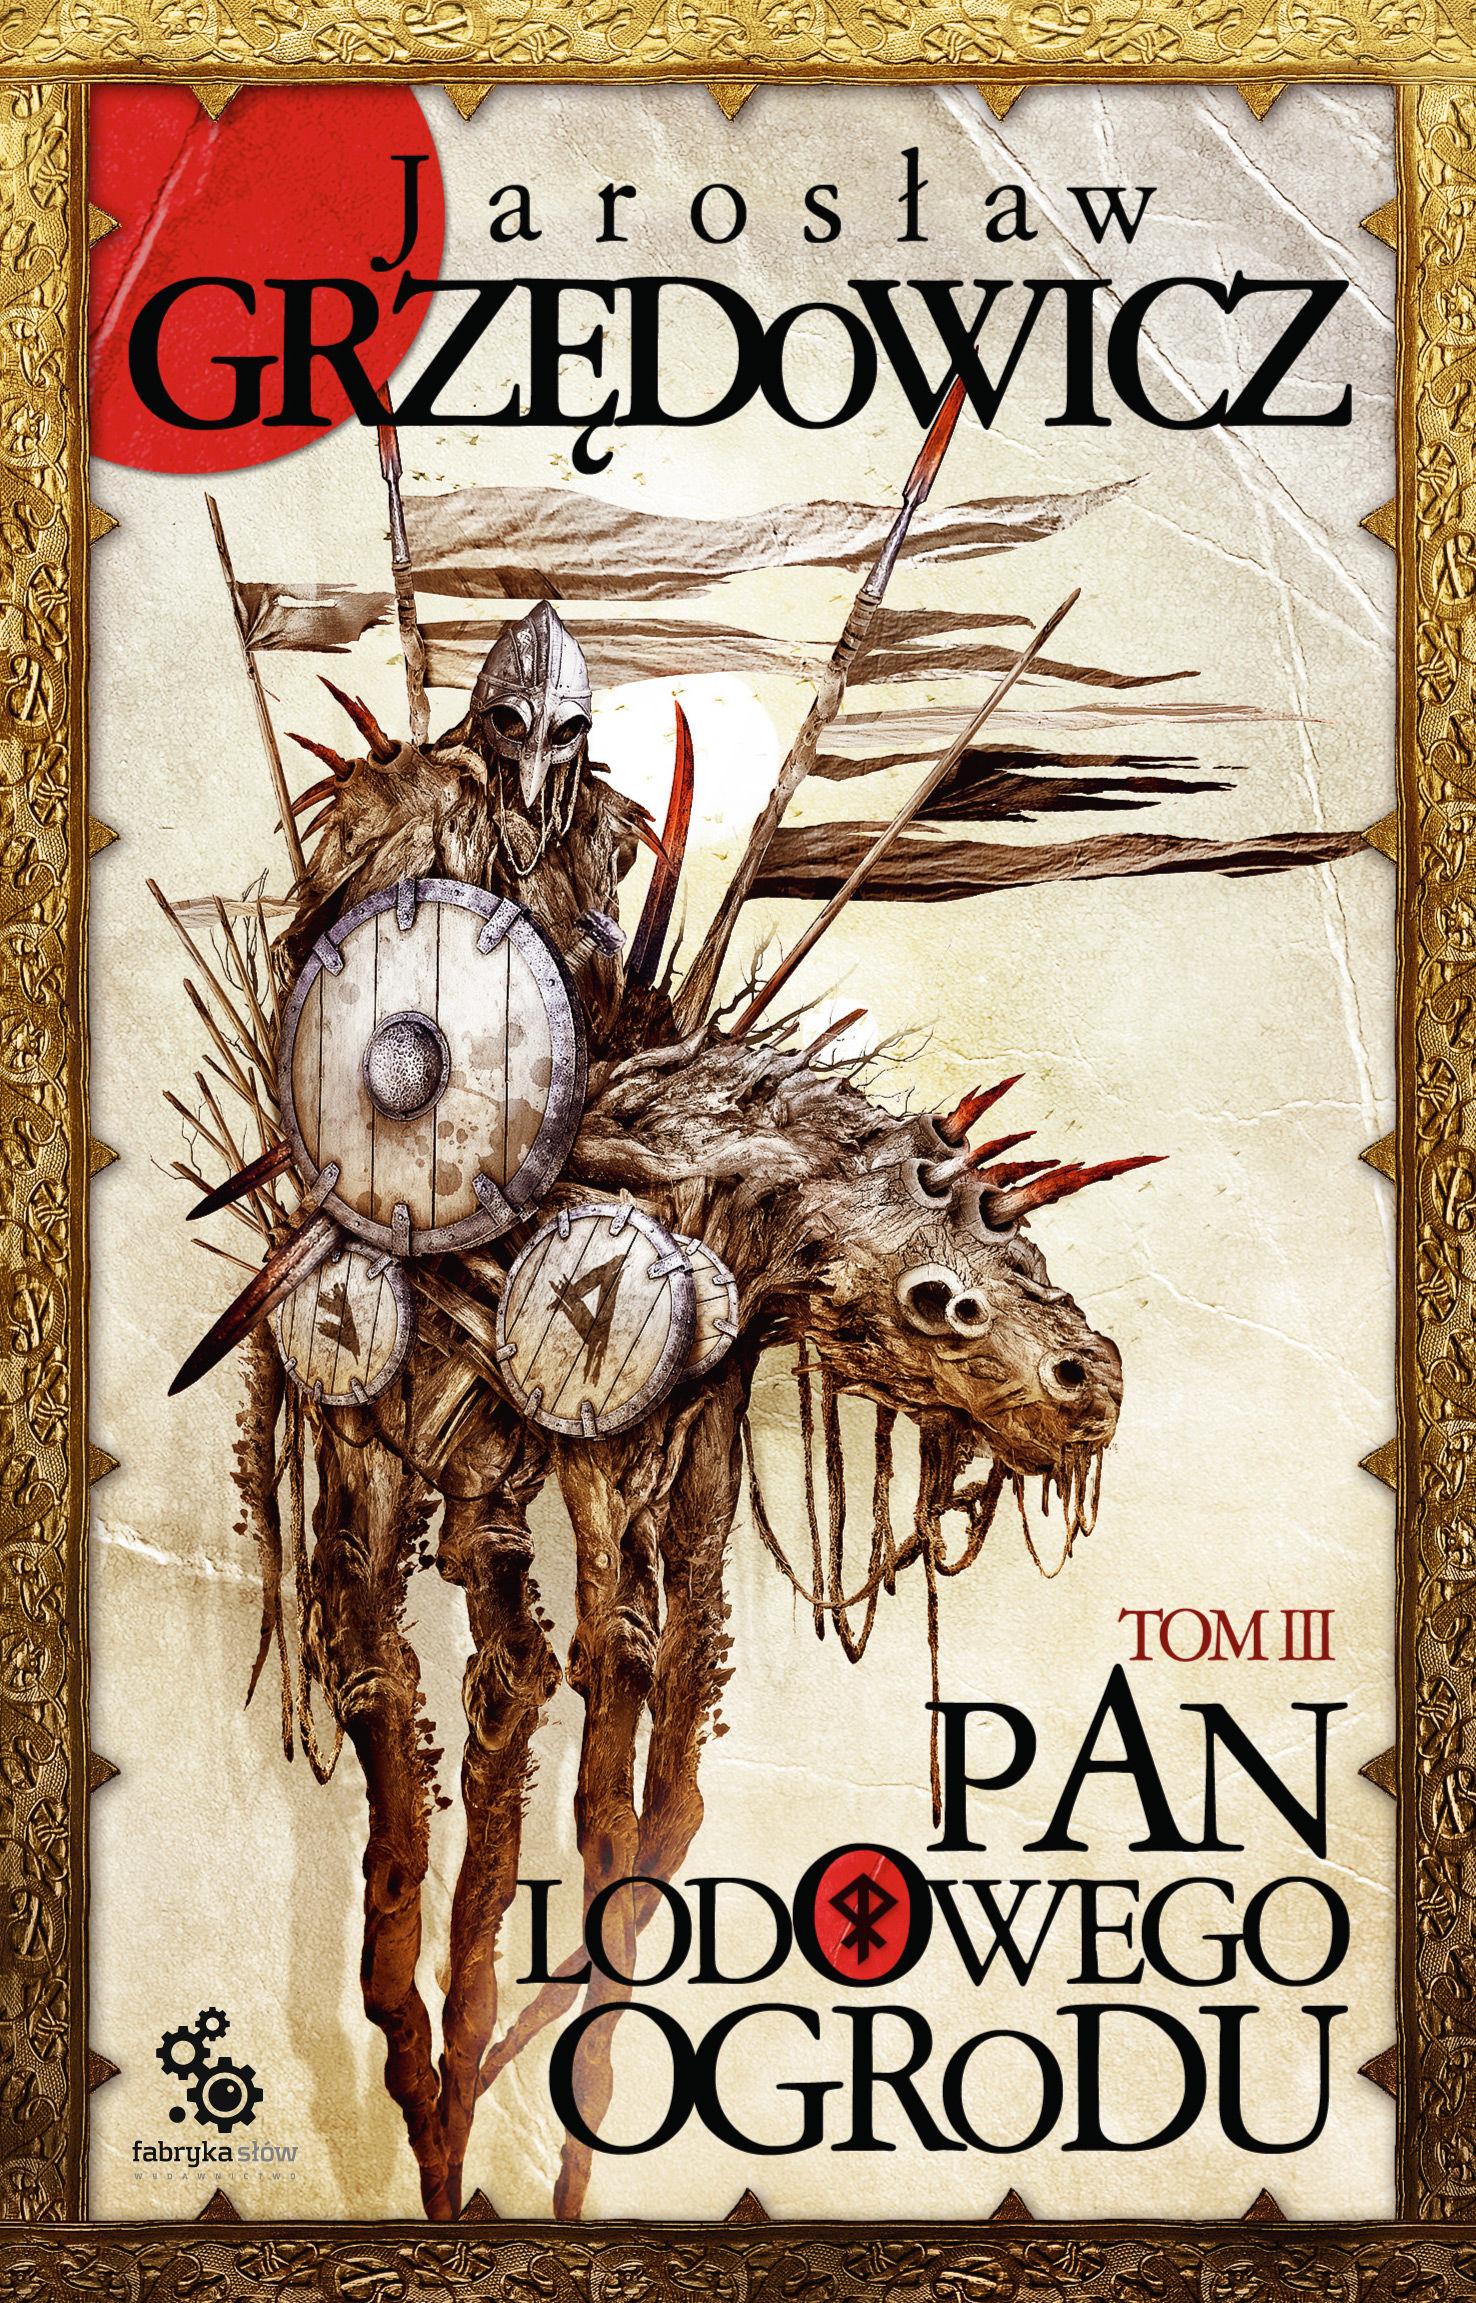 Pan Lodowego Ogrodu. Tom 3 - Jarosław Grzędowicz - ebook